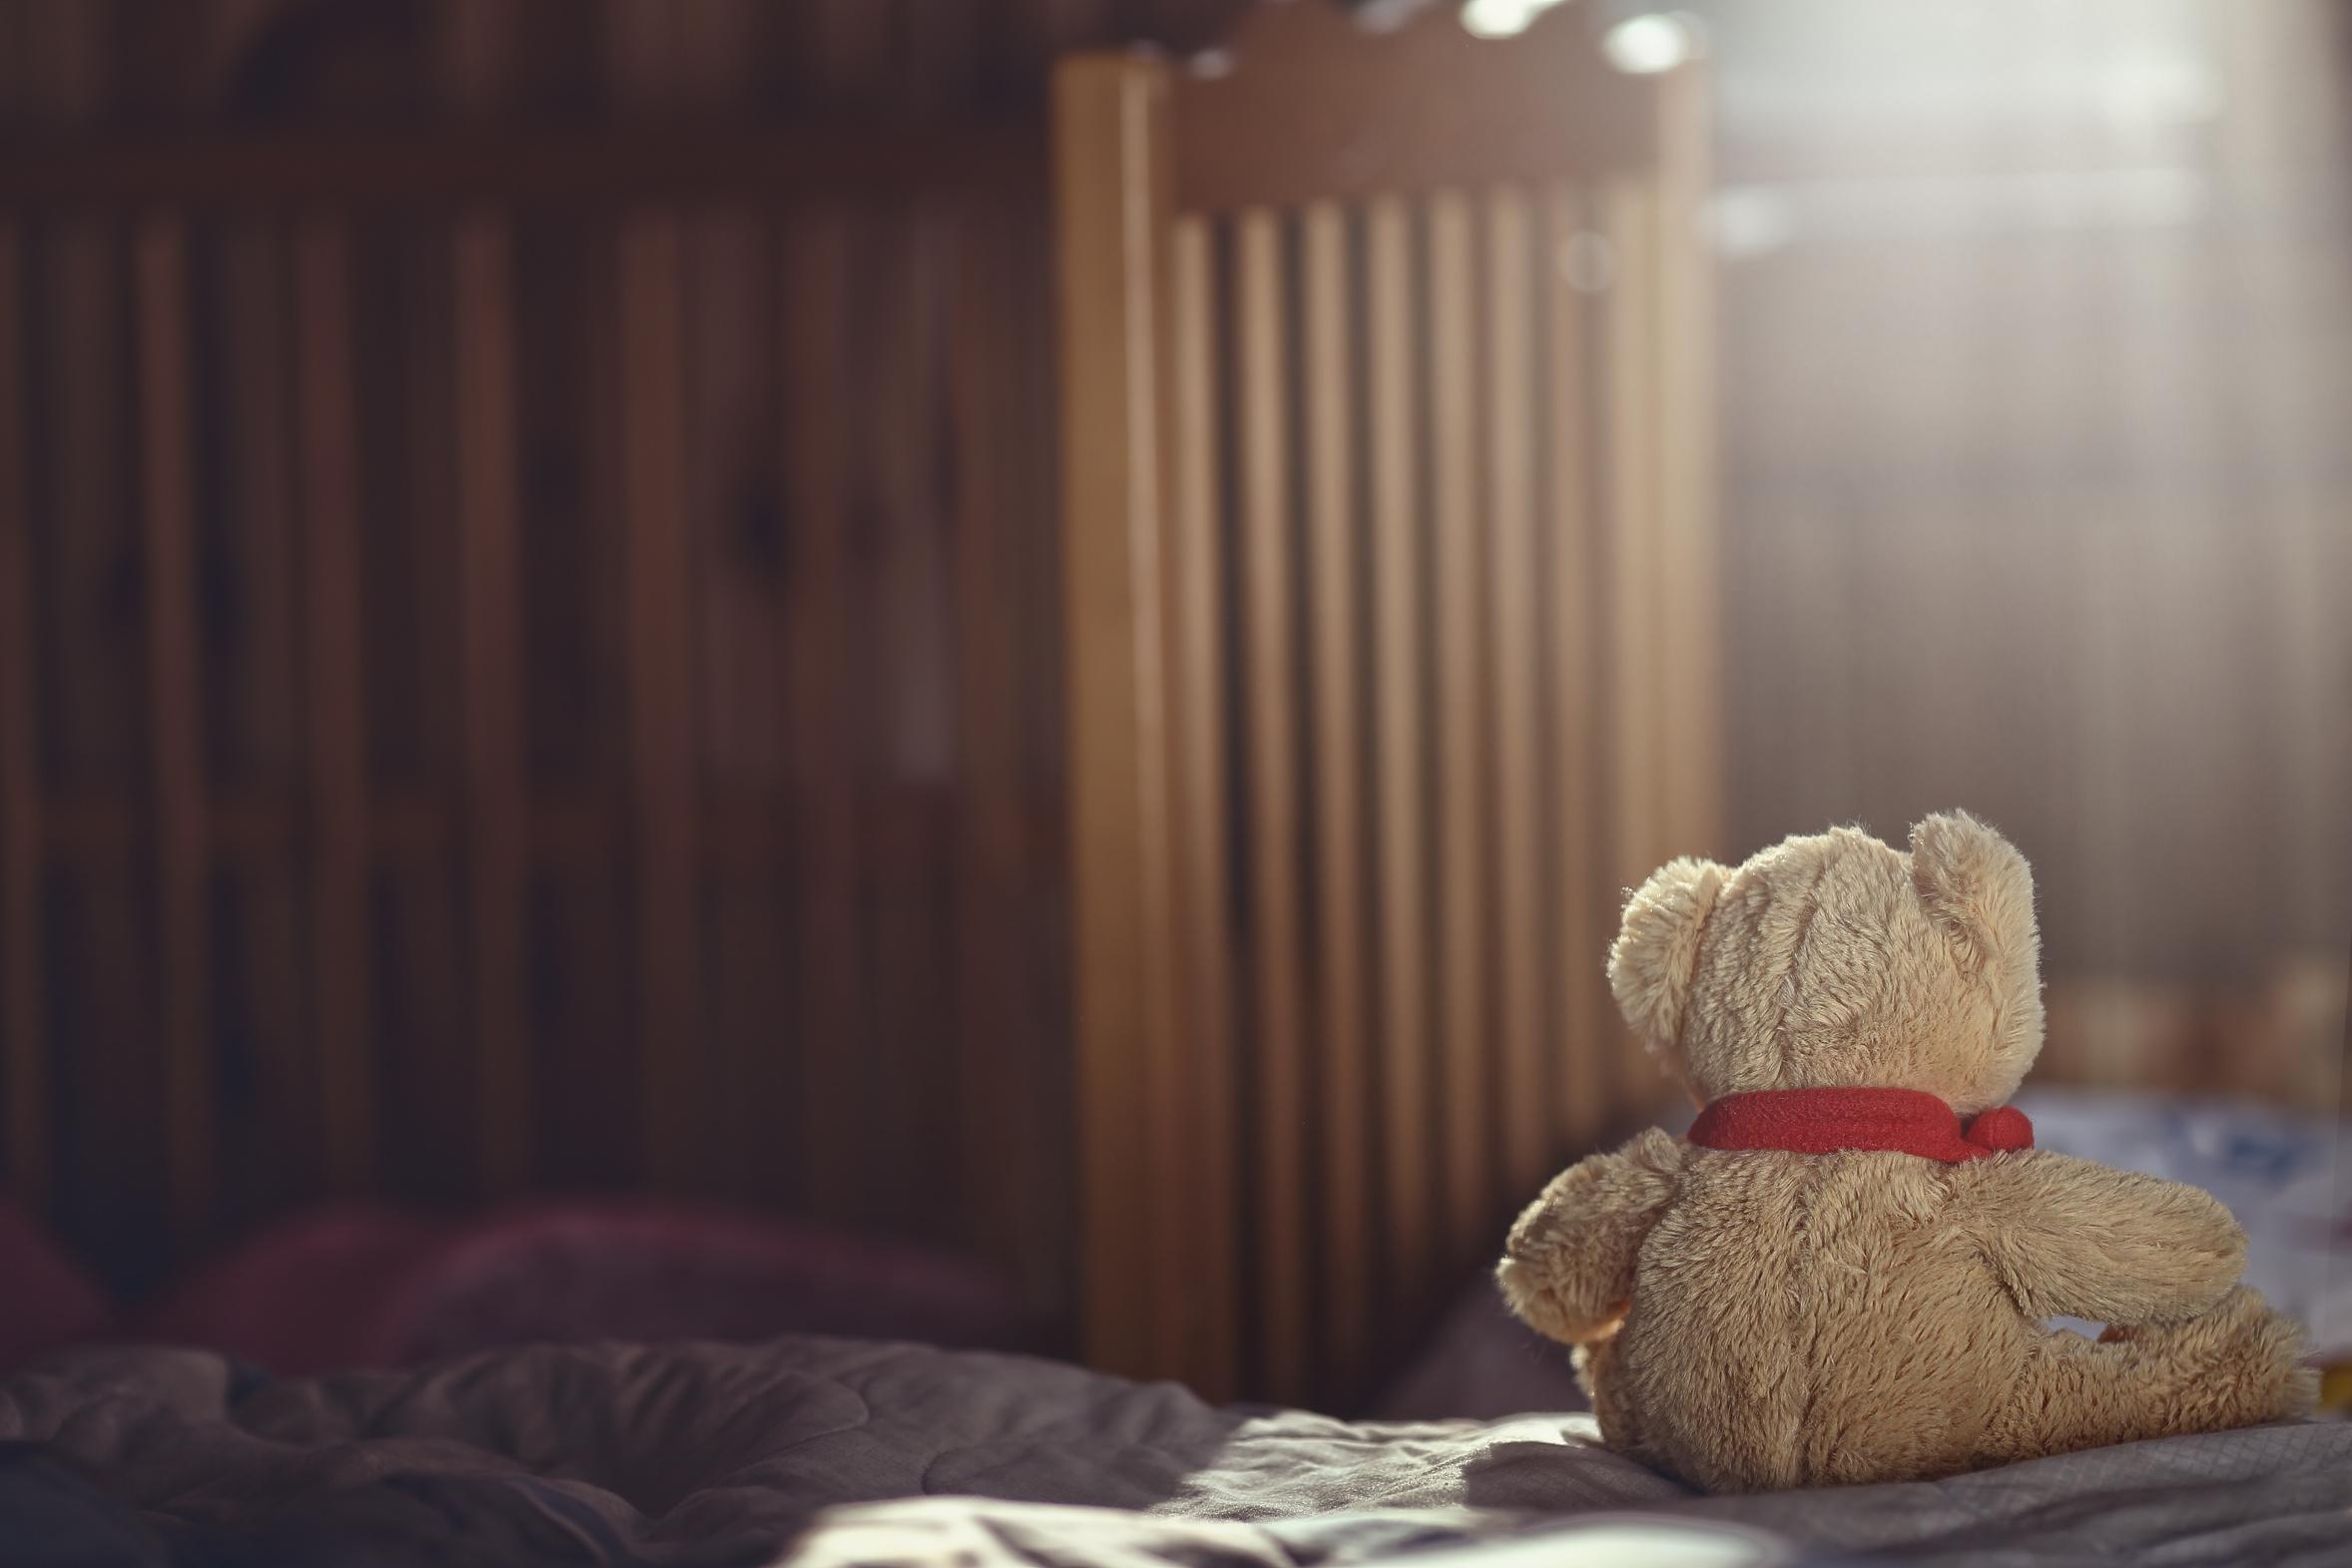 Poronienie, czyli strata dziecka nienarodzonego